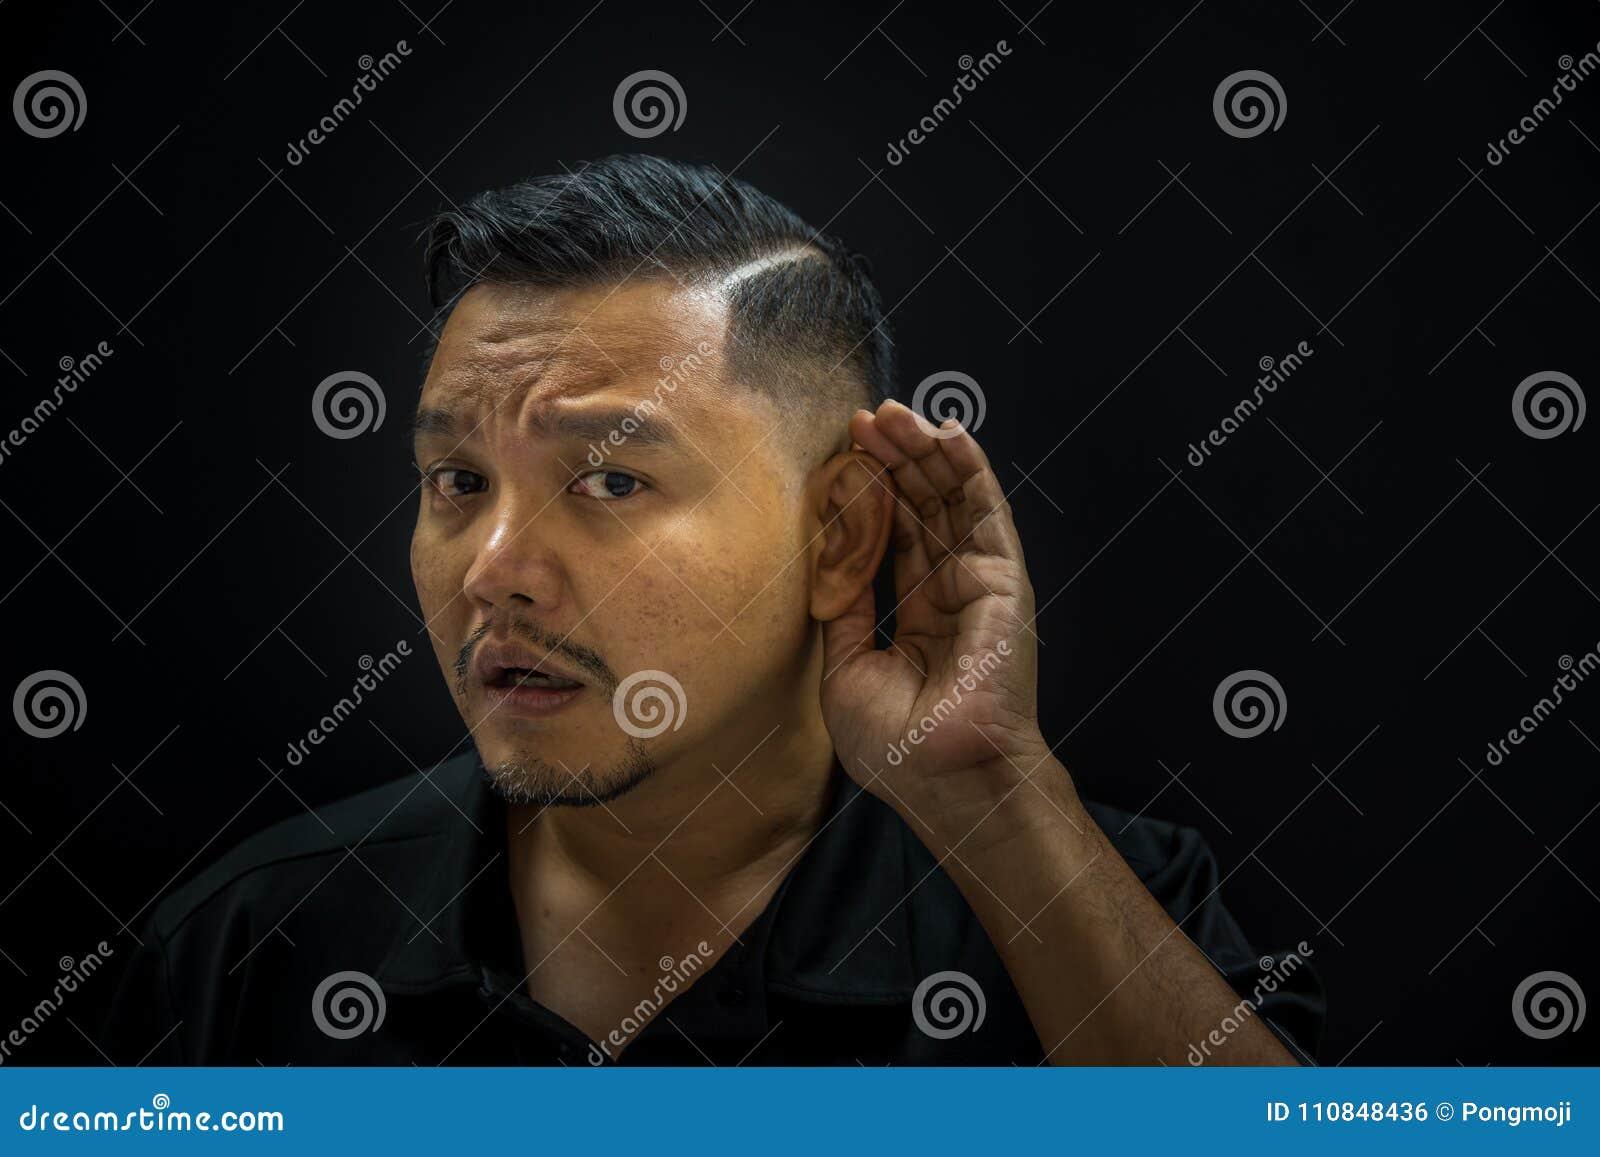 Ασιατική κωφή ακρόαση ατόμων για το άκουσμα στο σκοτεινό ύφος